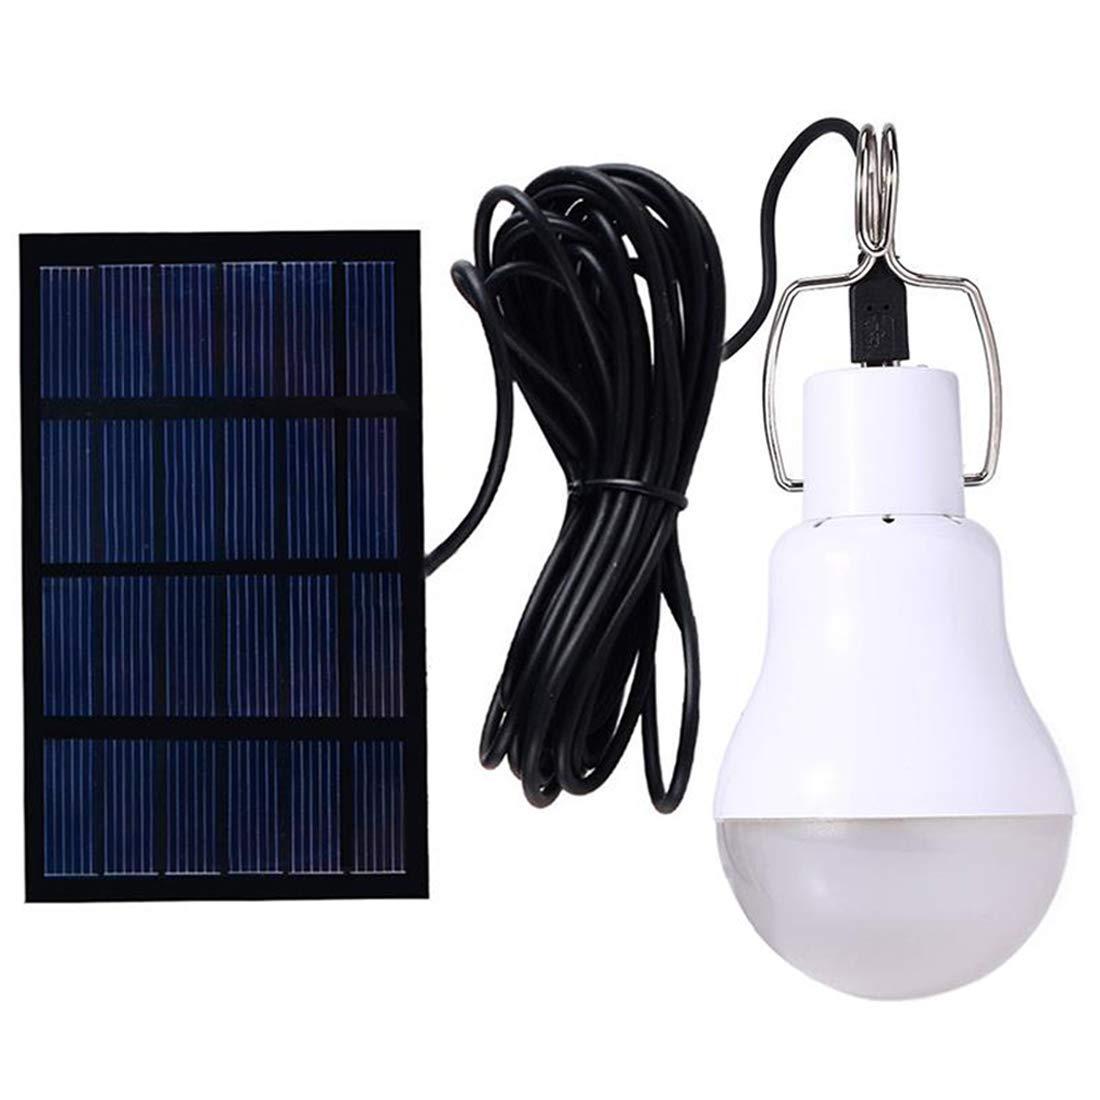 Funciona con energía solar lámpara LED bombilla luces de iluminación con control de luz auto encendido/apagado para Campamento tienda noche 130LM: ...